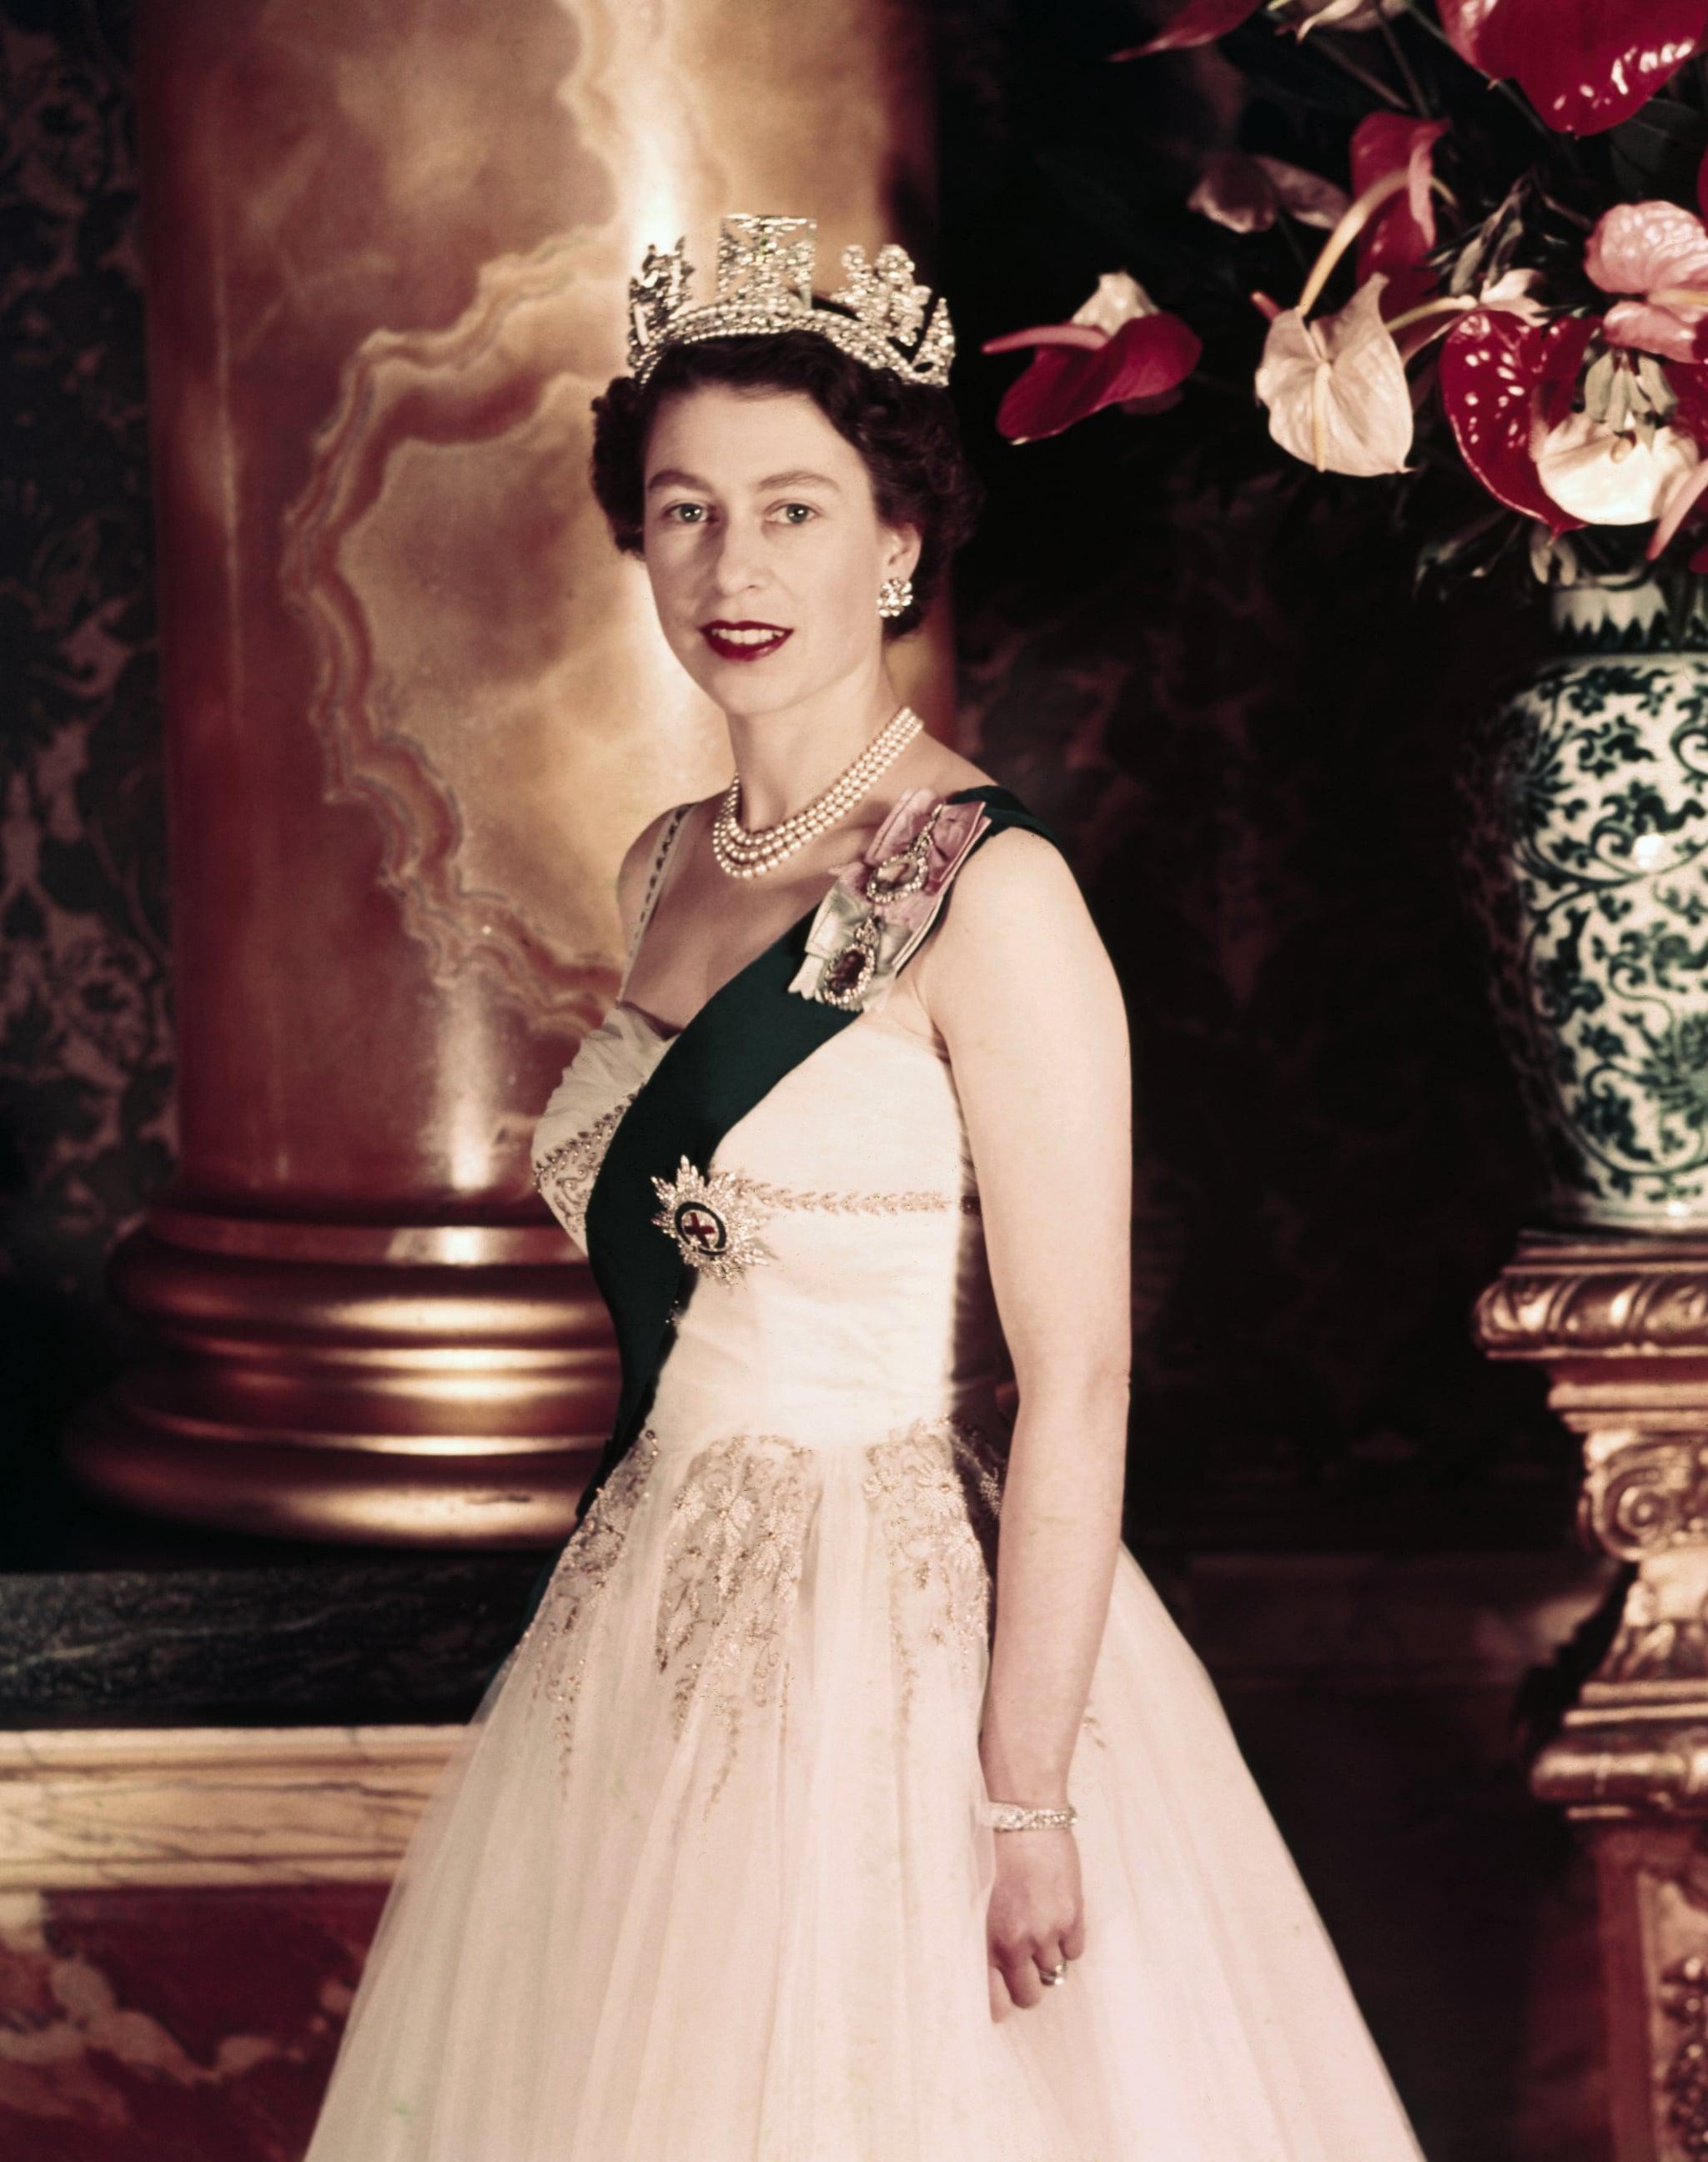 1/24/1955- Queen Elizabeth II wearing crown. Portrait. UPI color slides.